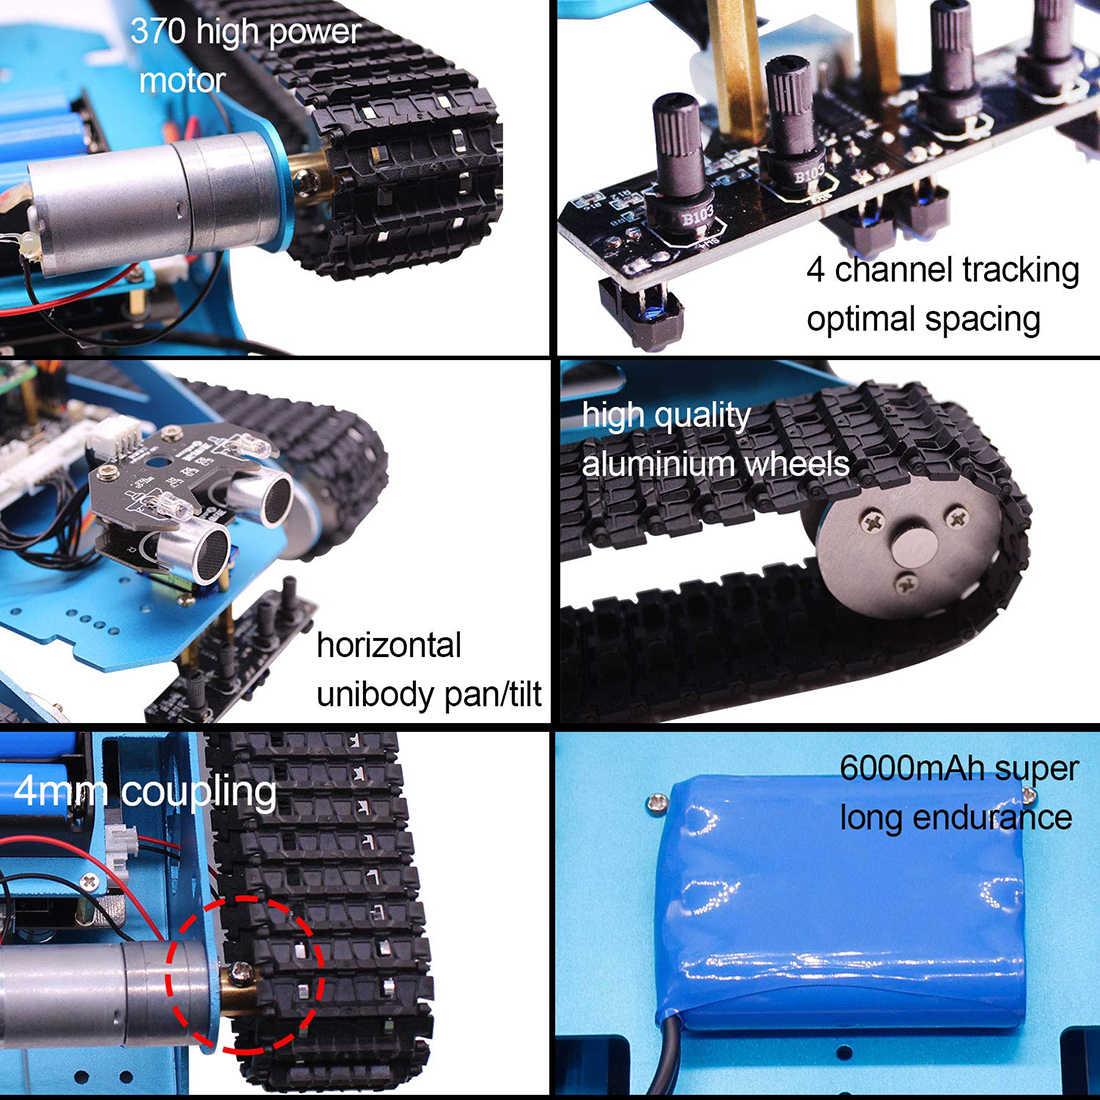 Профессиональный Raspberry Pi Танк умный Роботизированный комплект WiFi беспроводной видео Программирование электронная игрушка DIY робот набор для детей и взрослых